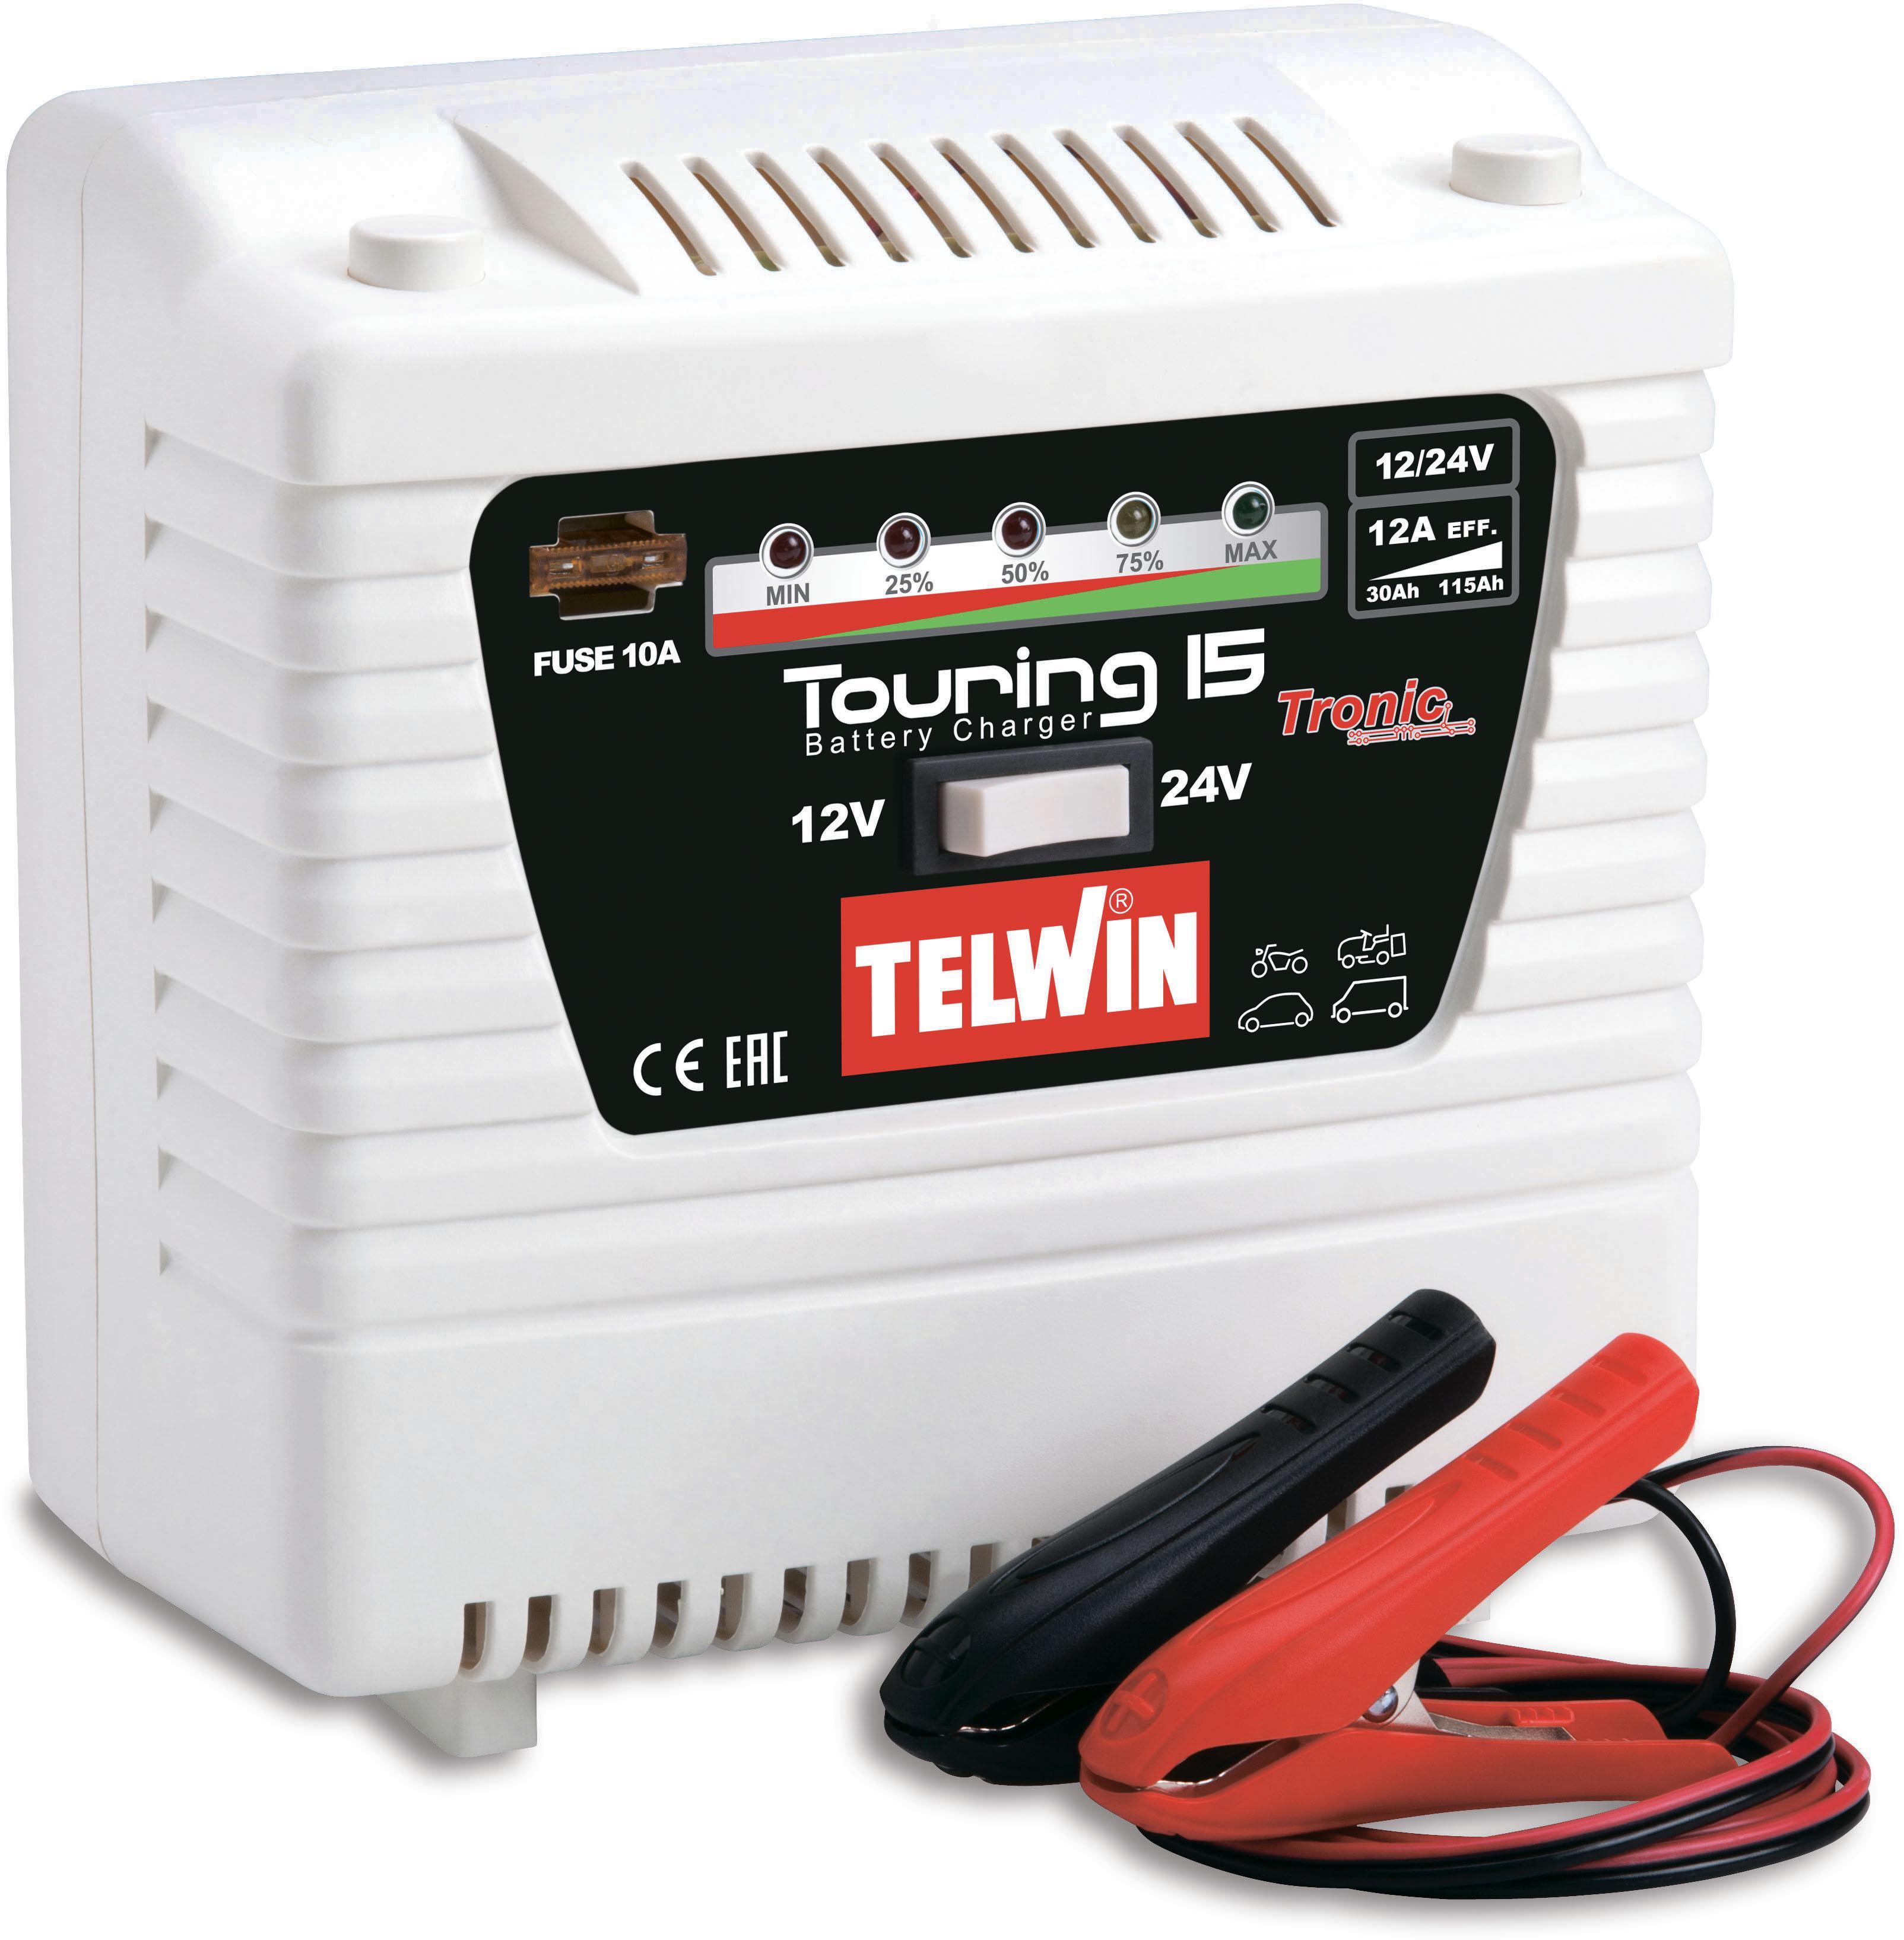 Зарядное устройство Telwin Touring 15  - Купить